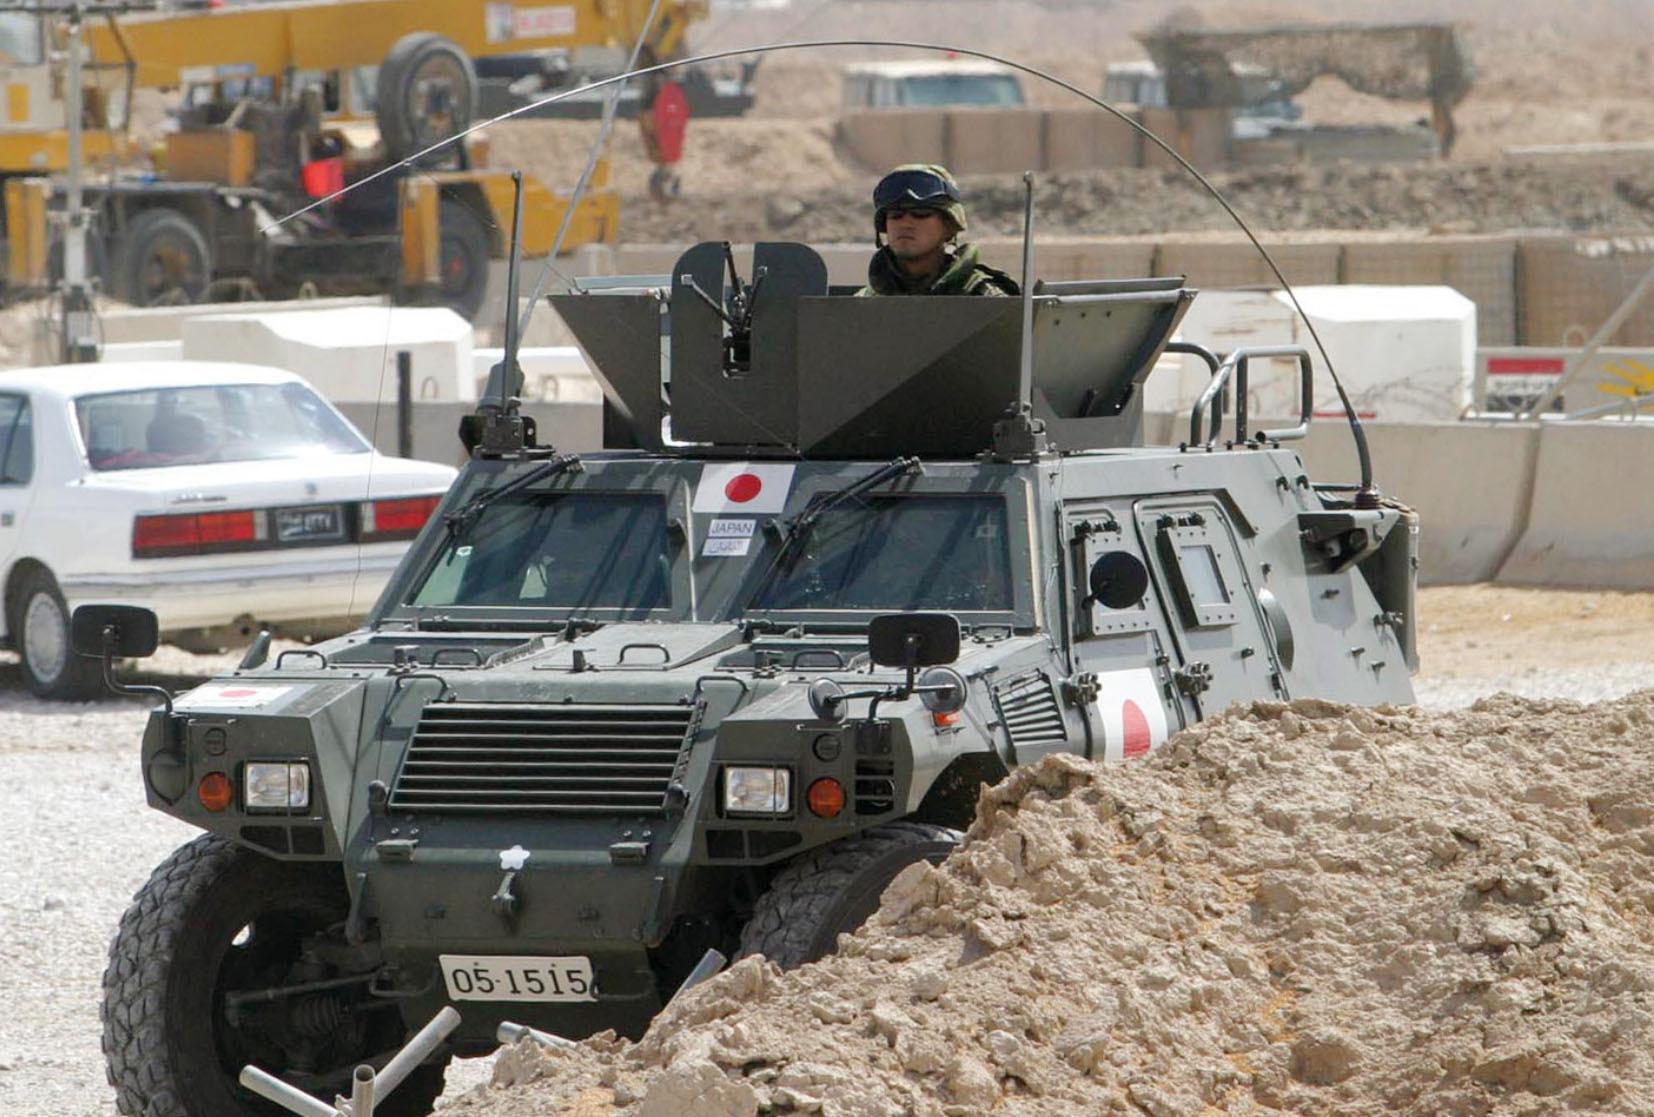 2005年7月、イラク南部サマワの陸上自衛隊宿営地のゲートで警戒に当たる陸自車両(共同)